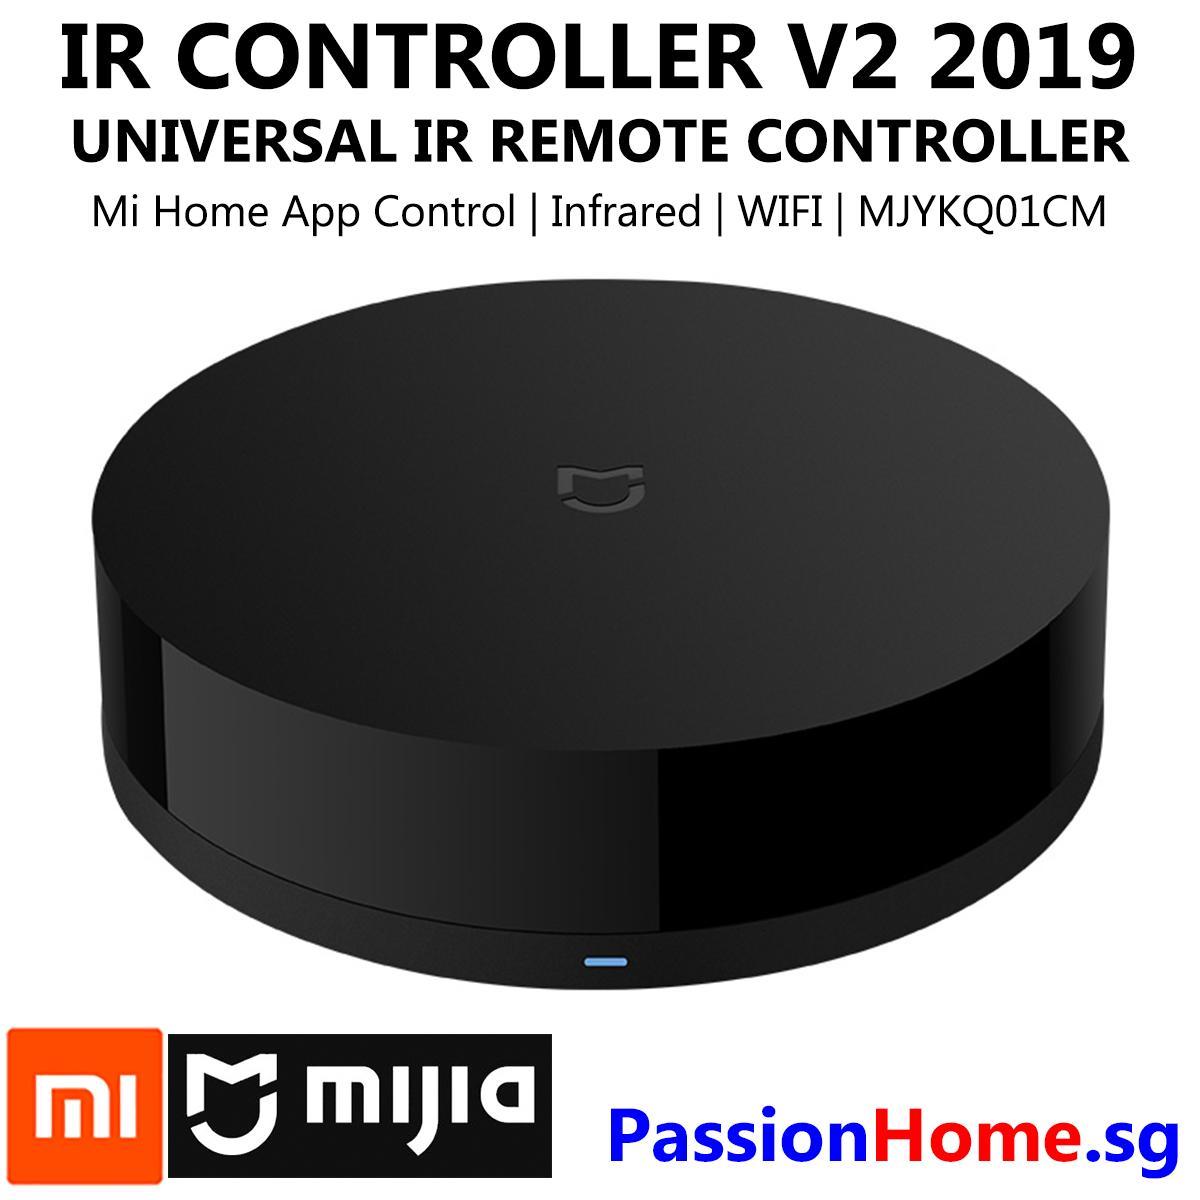 Xiaomi Mijia IR Blaster Remote Control v2 2019 (Latest model with Mijia  Logo instead of Mi Logo) - Smart Universal IR Controller - WIFI IR Infra  red -